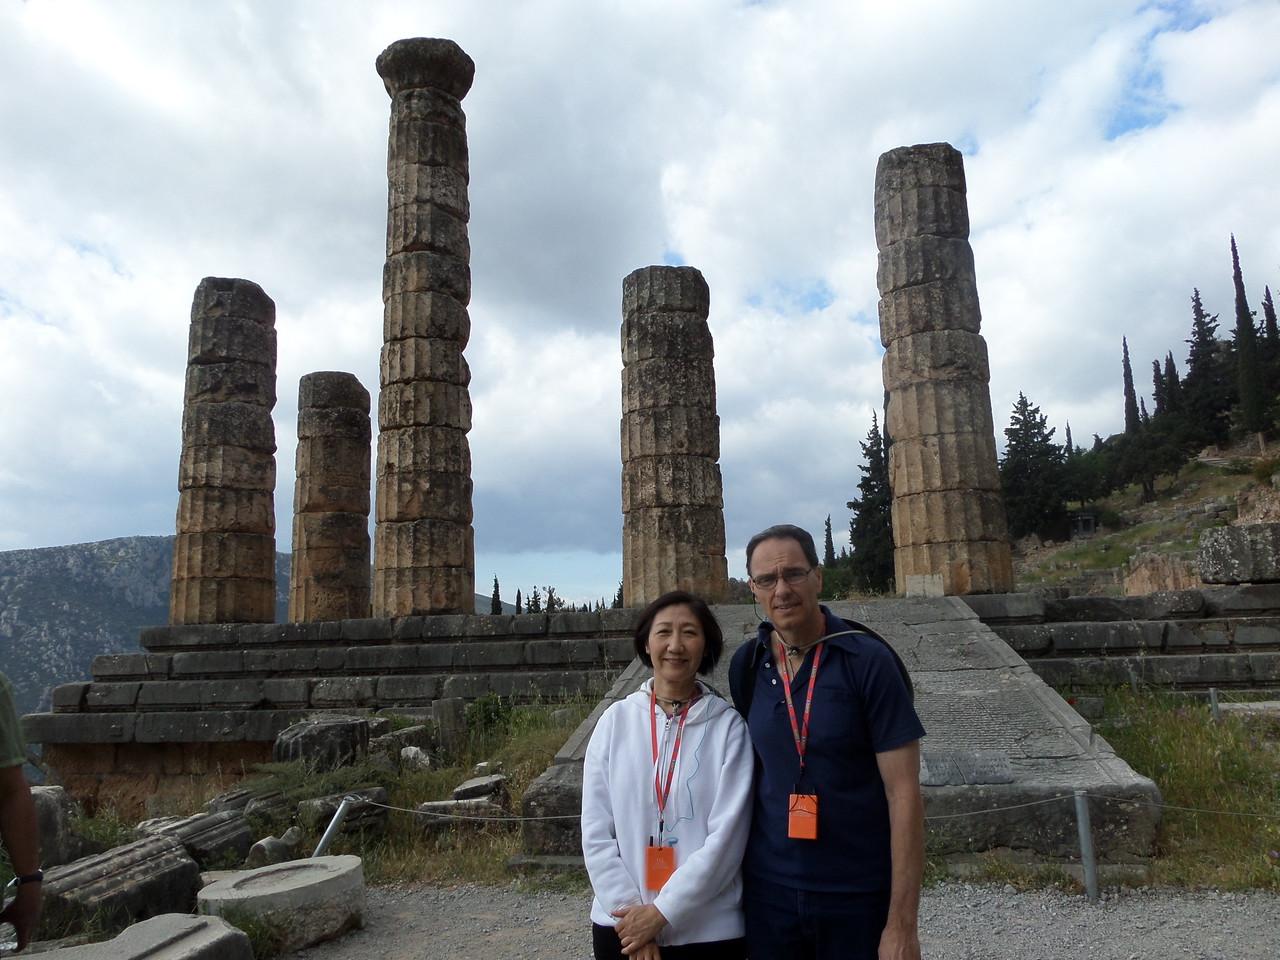 The Temple of Apollo, Delphi